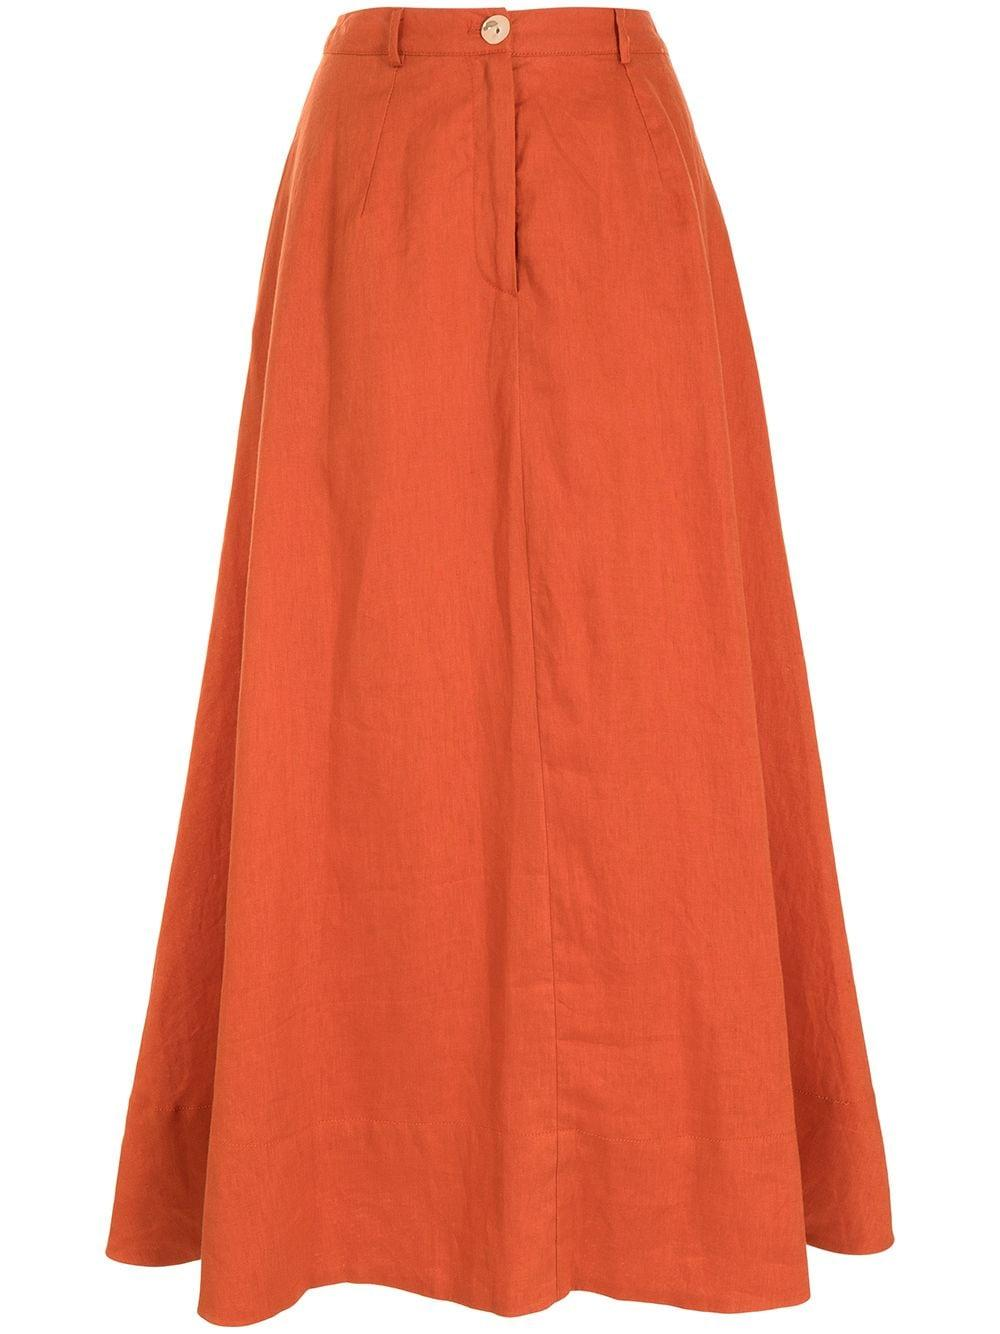 Cybele A- Line Skirt Item # 302-4090